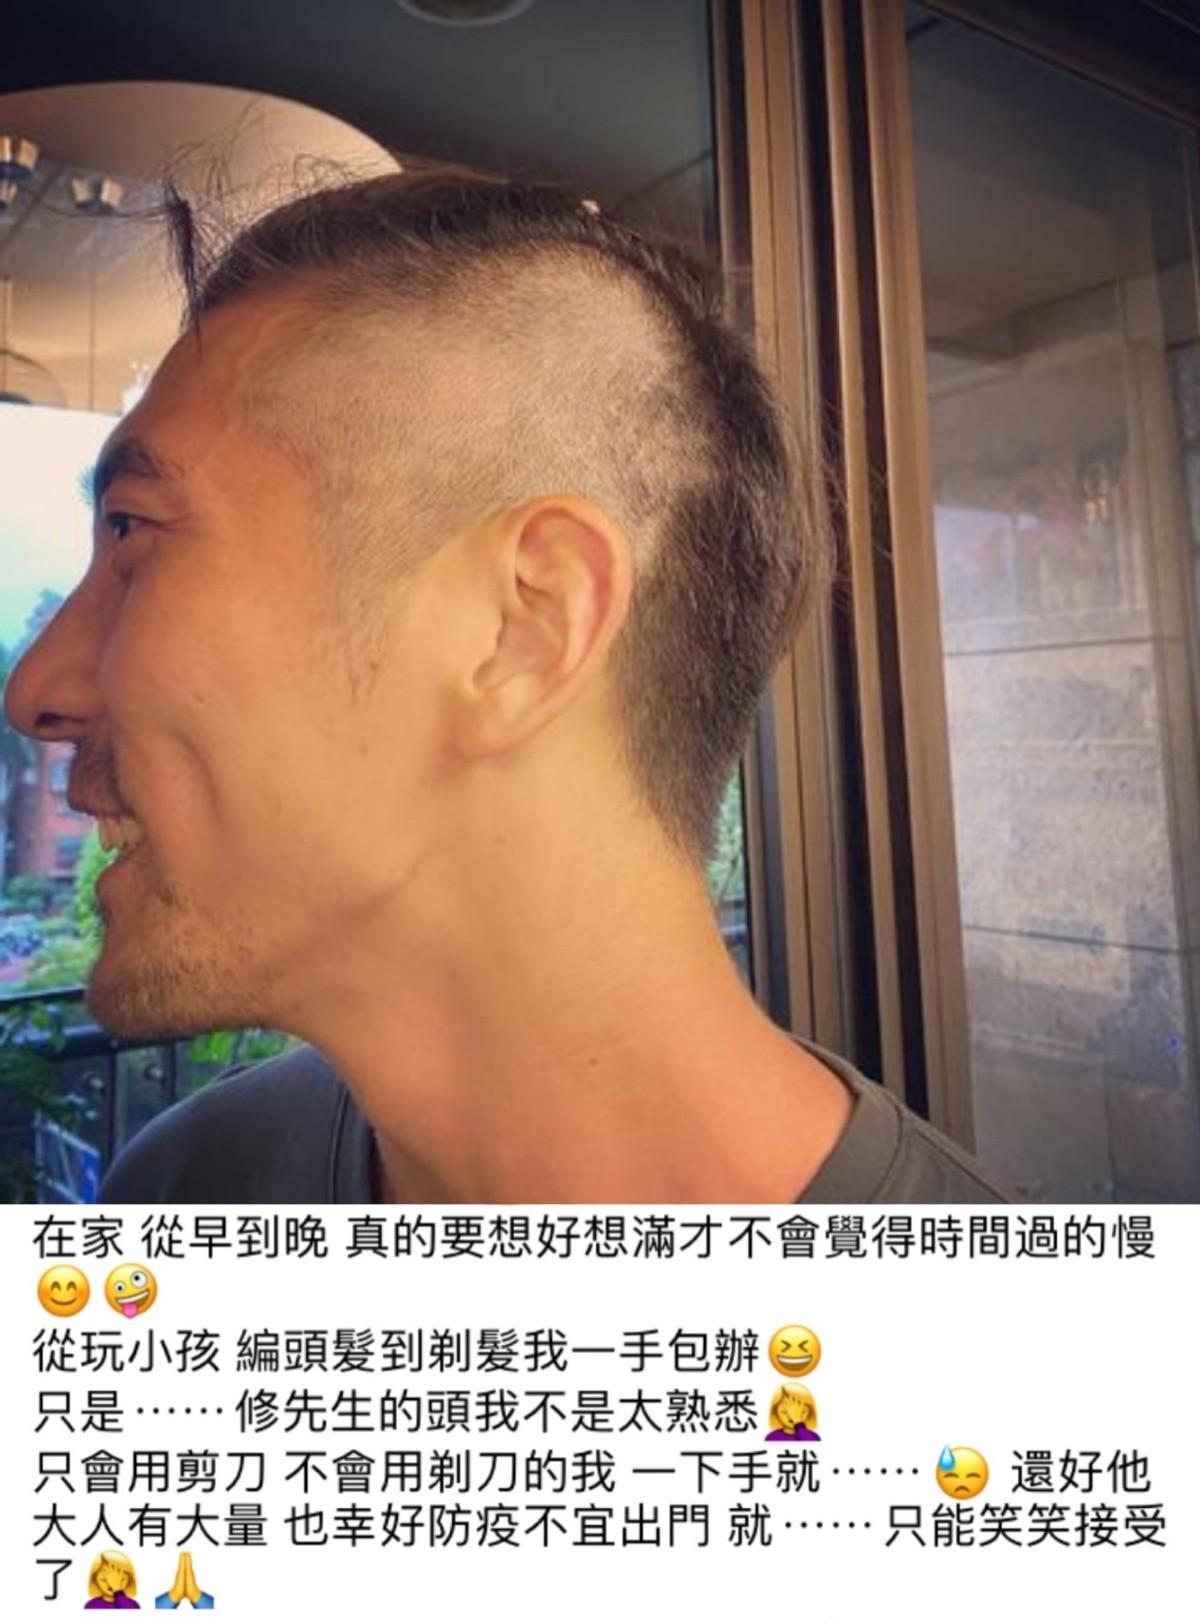 贾静雯化身理发师全家换新发型 和修杰楷又秀起恩爱